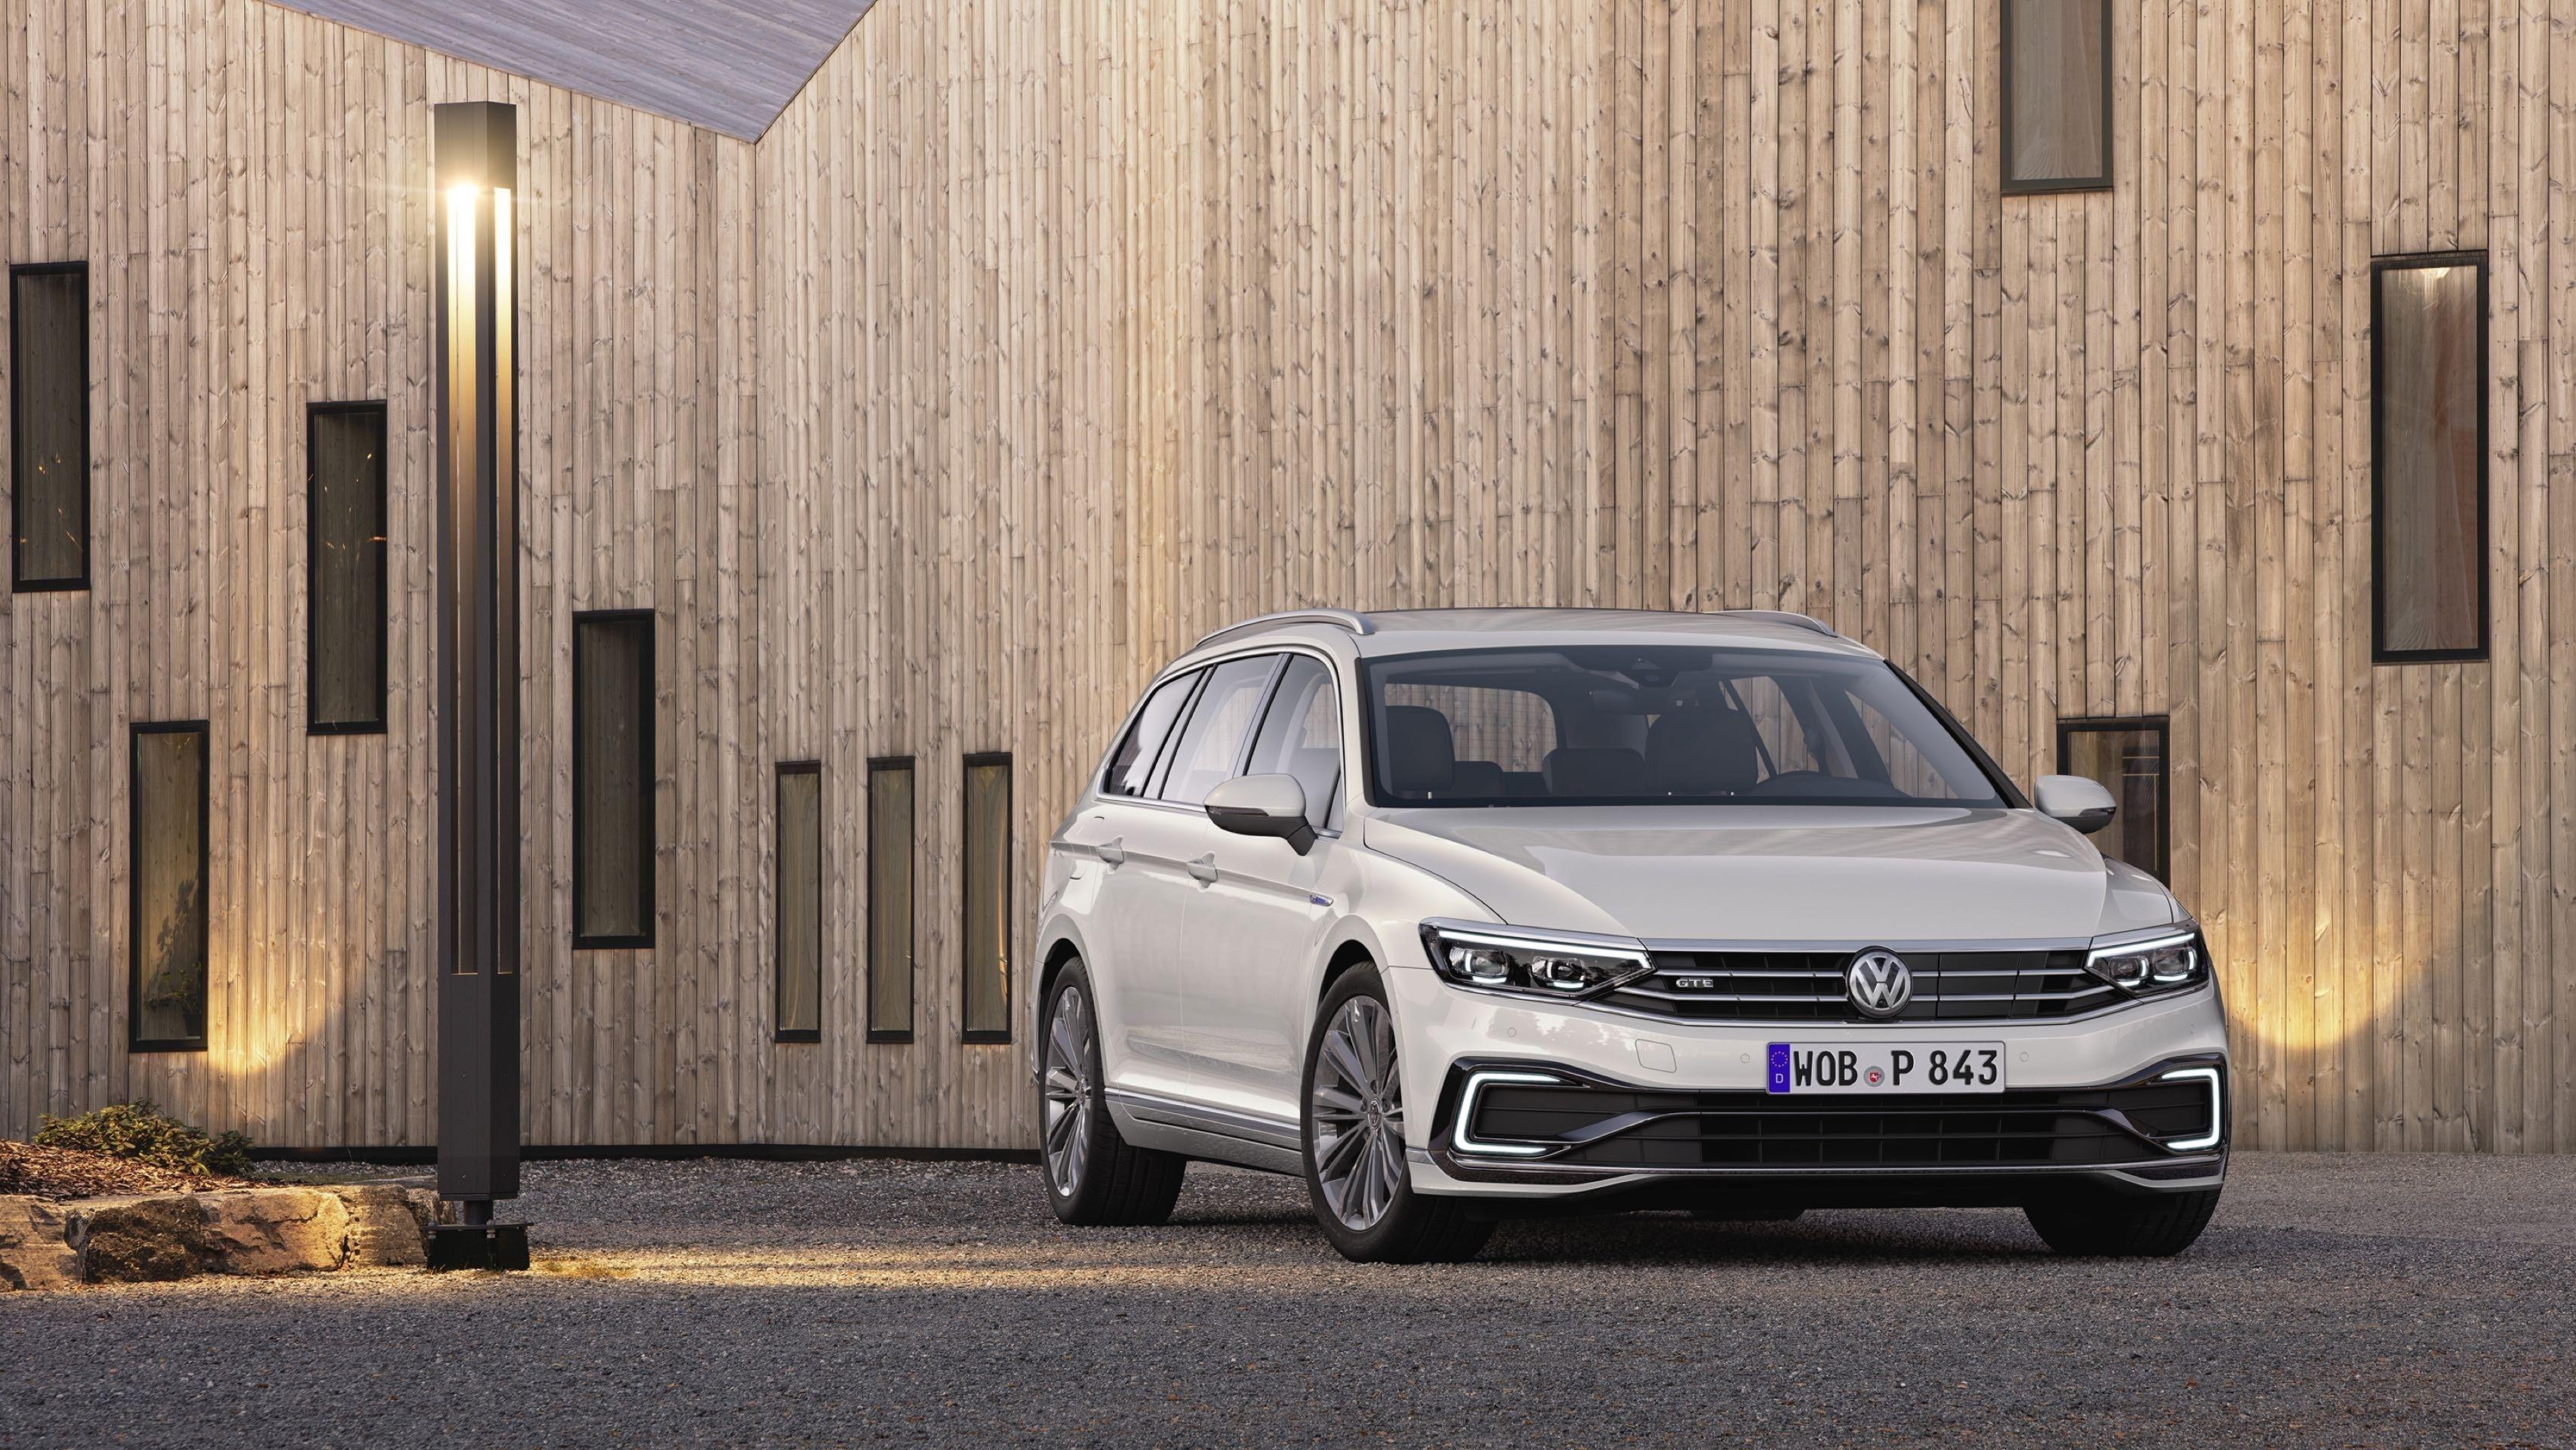 New 2020 Volkswagen Tiguan Gte Spesification Volkswagen Upcoming Cars Volkswagen Passat